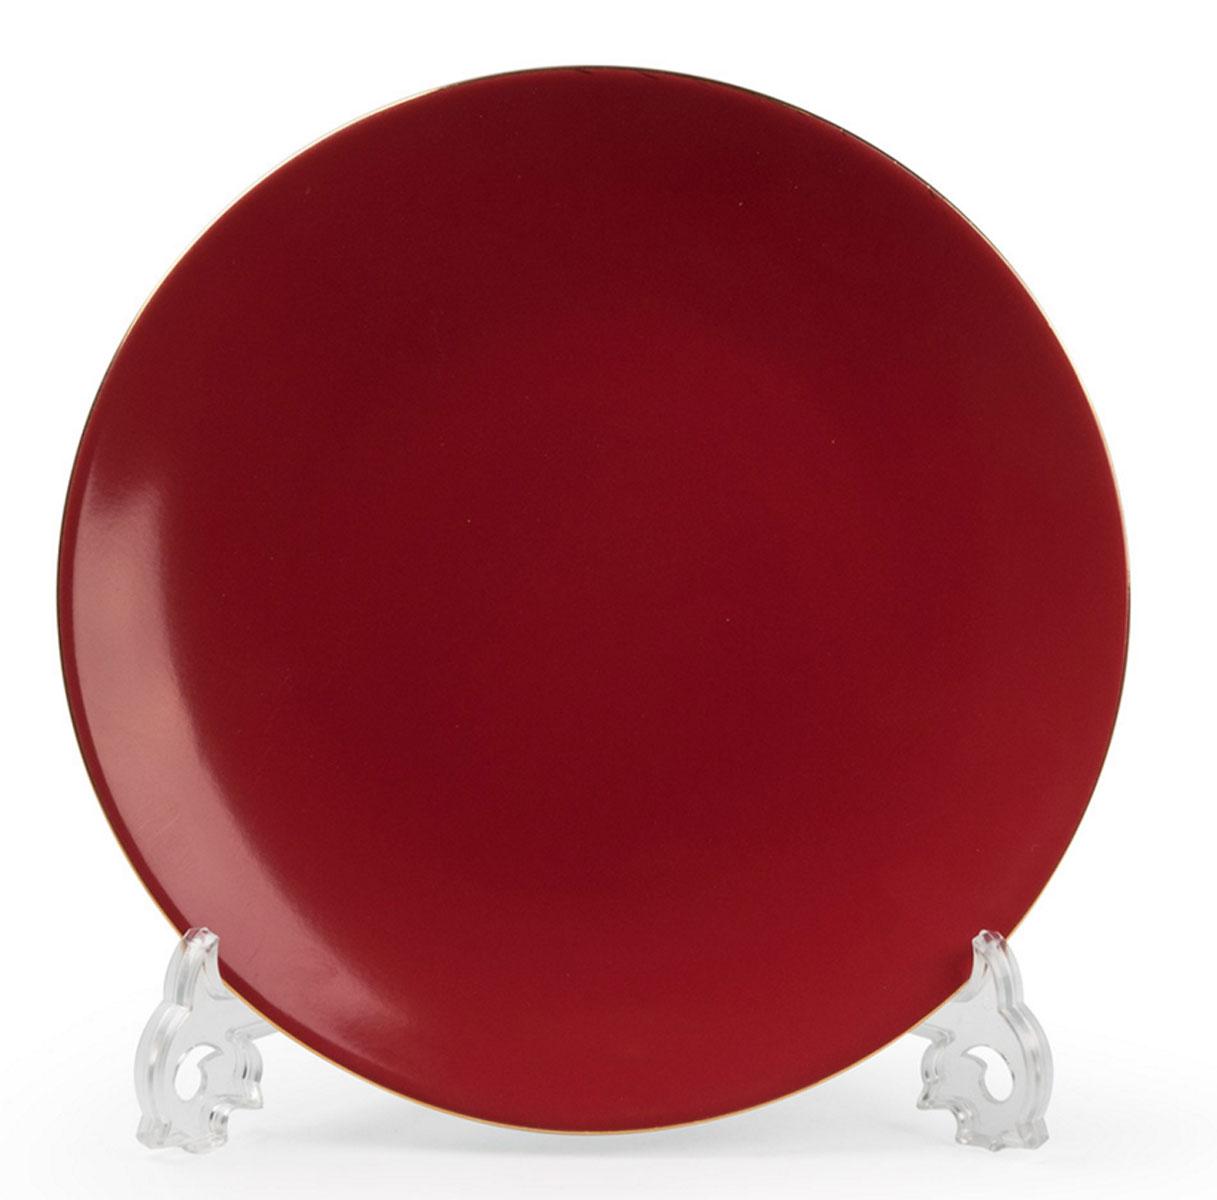 Monalisa 3125 набор глубоких тарелок*6 шт, цвет: красный с золотом5591053125в наборе глубокая тарелка 6 штук Материал: фарфор: цвет: красный с золотомСерия: MONALISA